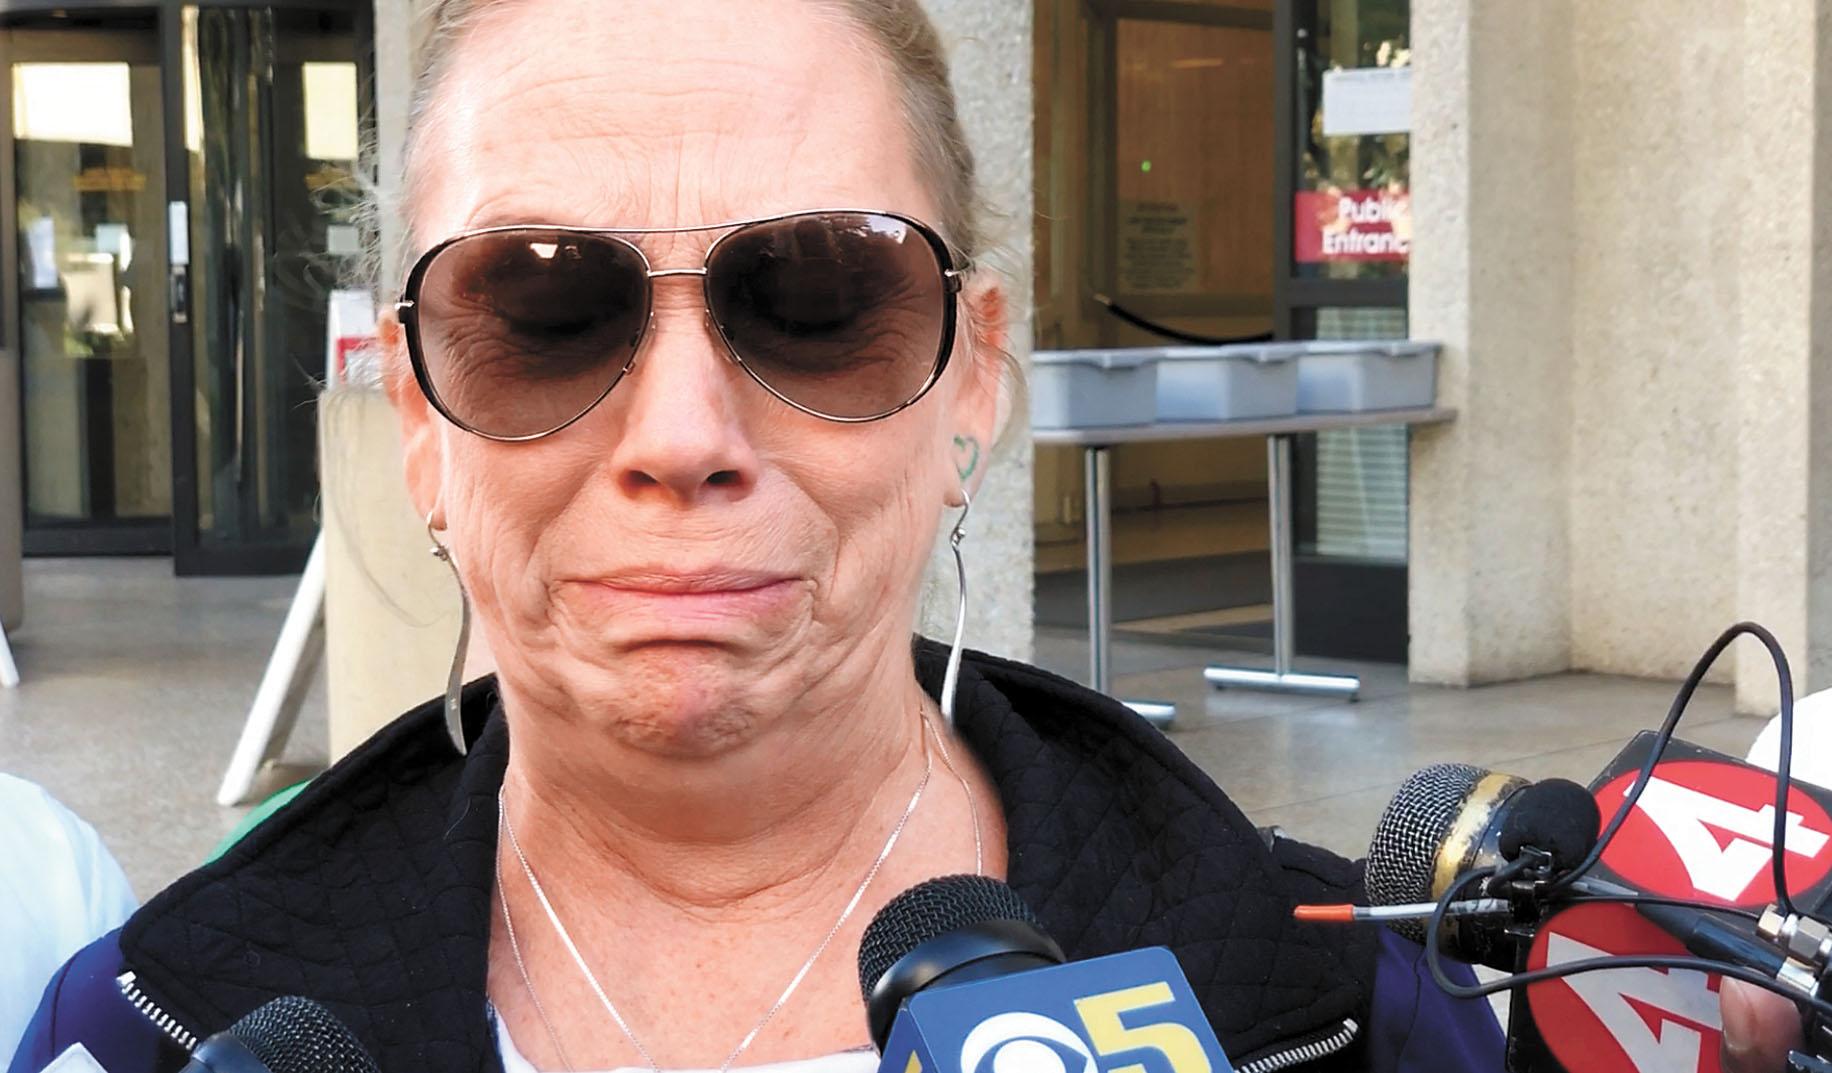 死者格林母親在庭外對媒體哭訴,不想失去孫女監護權。本報記者彭詩喬攝